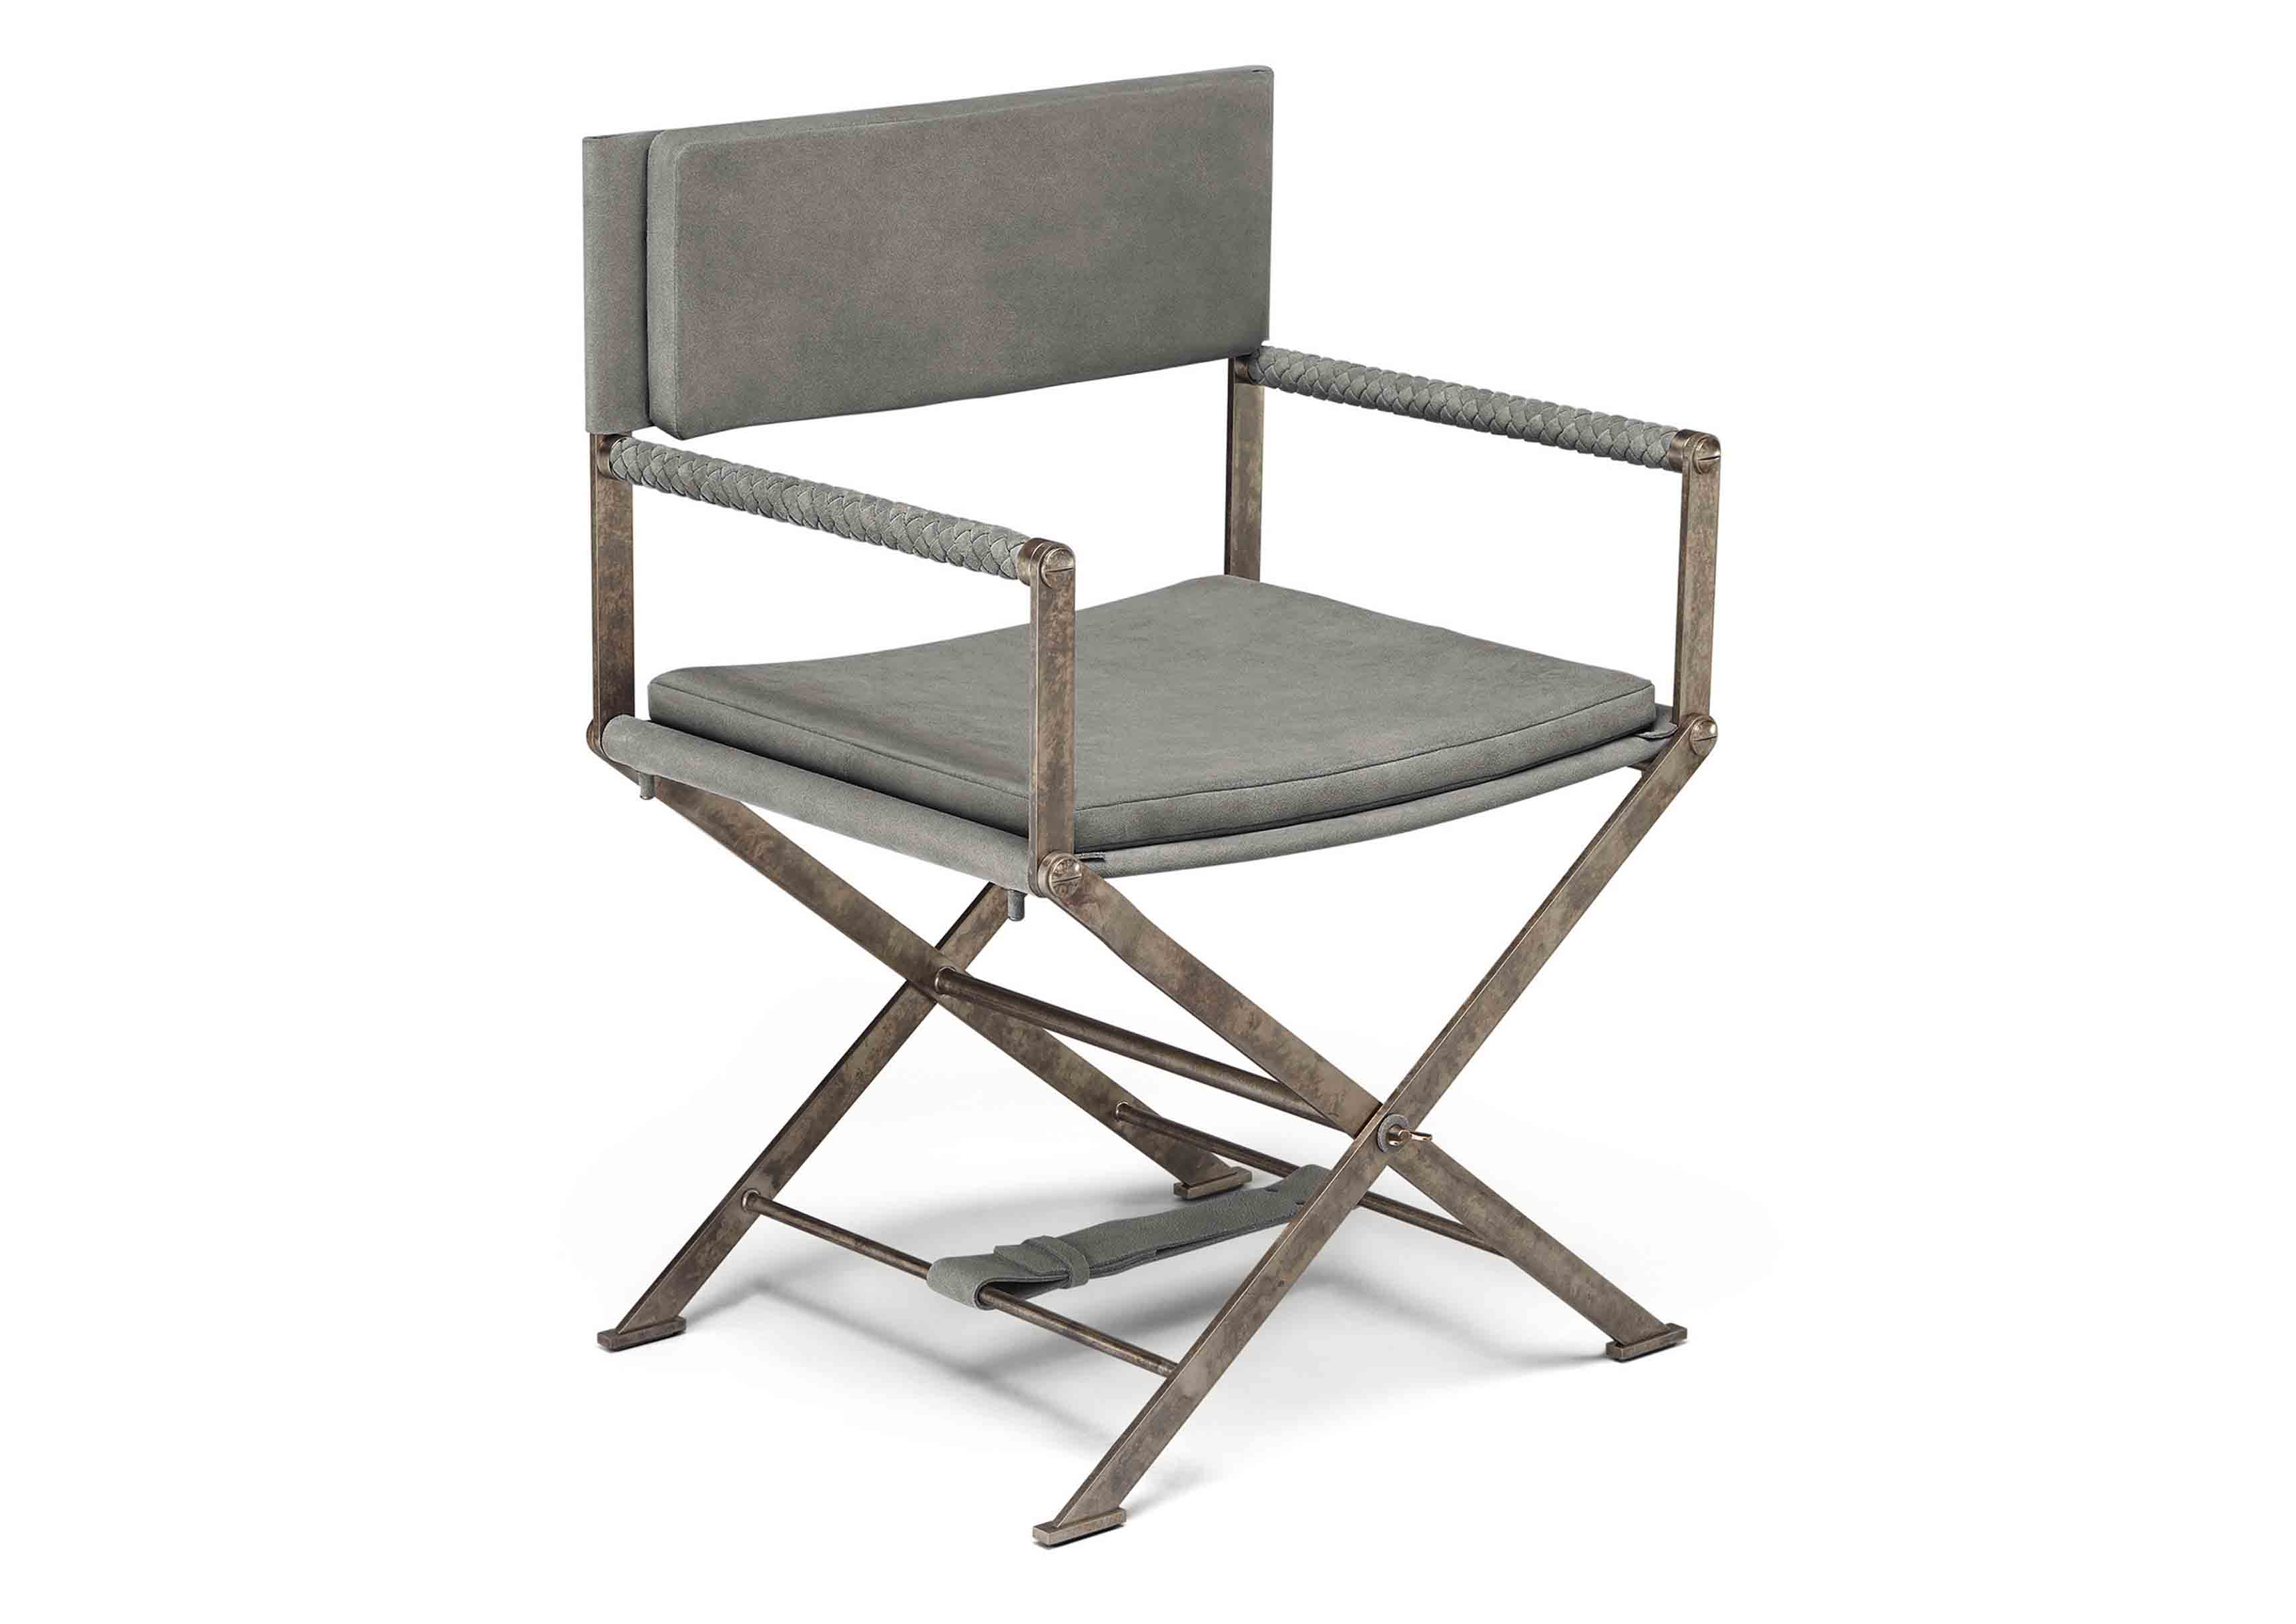 Chaise pliable issue de la nouvelle collection Maison de Bottega Veneta, à l'occasion du Salone del Mobile de Milan.